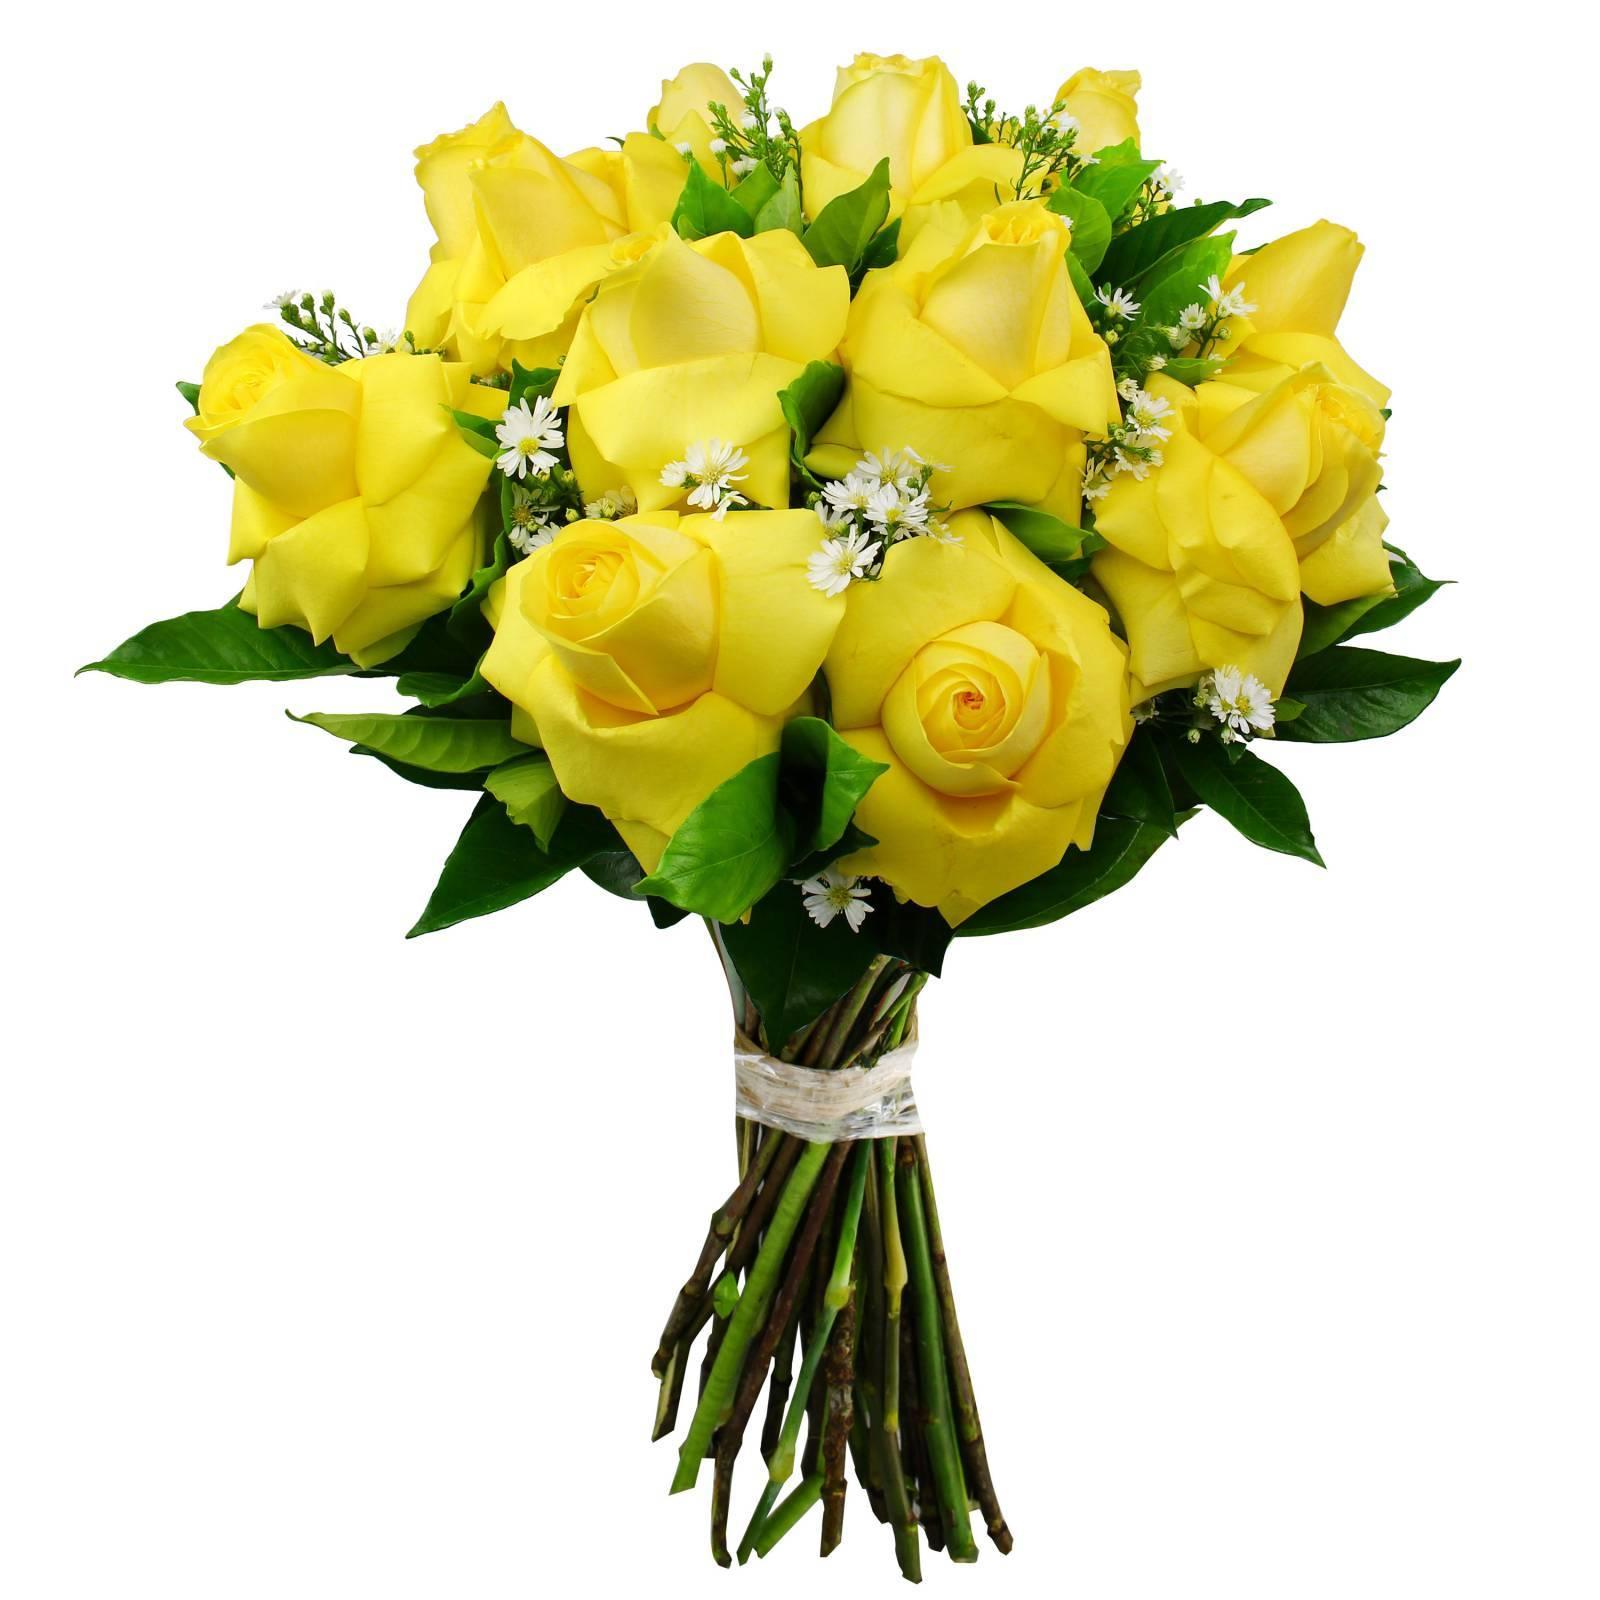 Buquê de Rosas Colombianas Amarelas